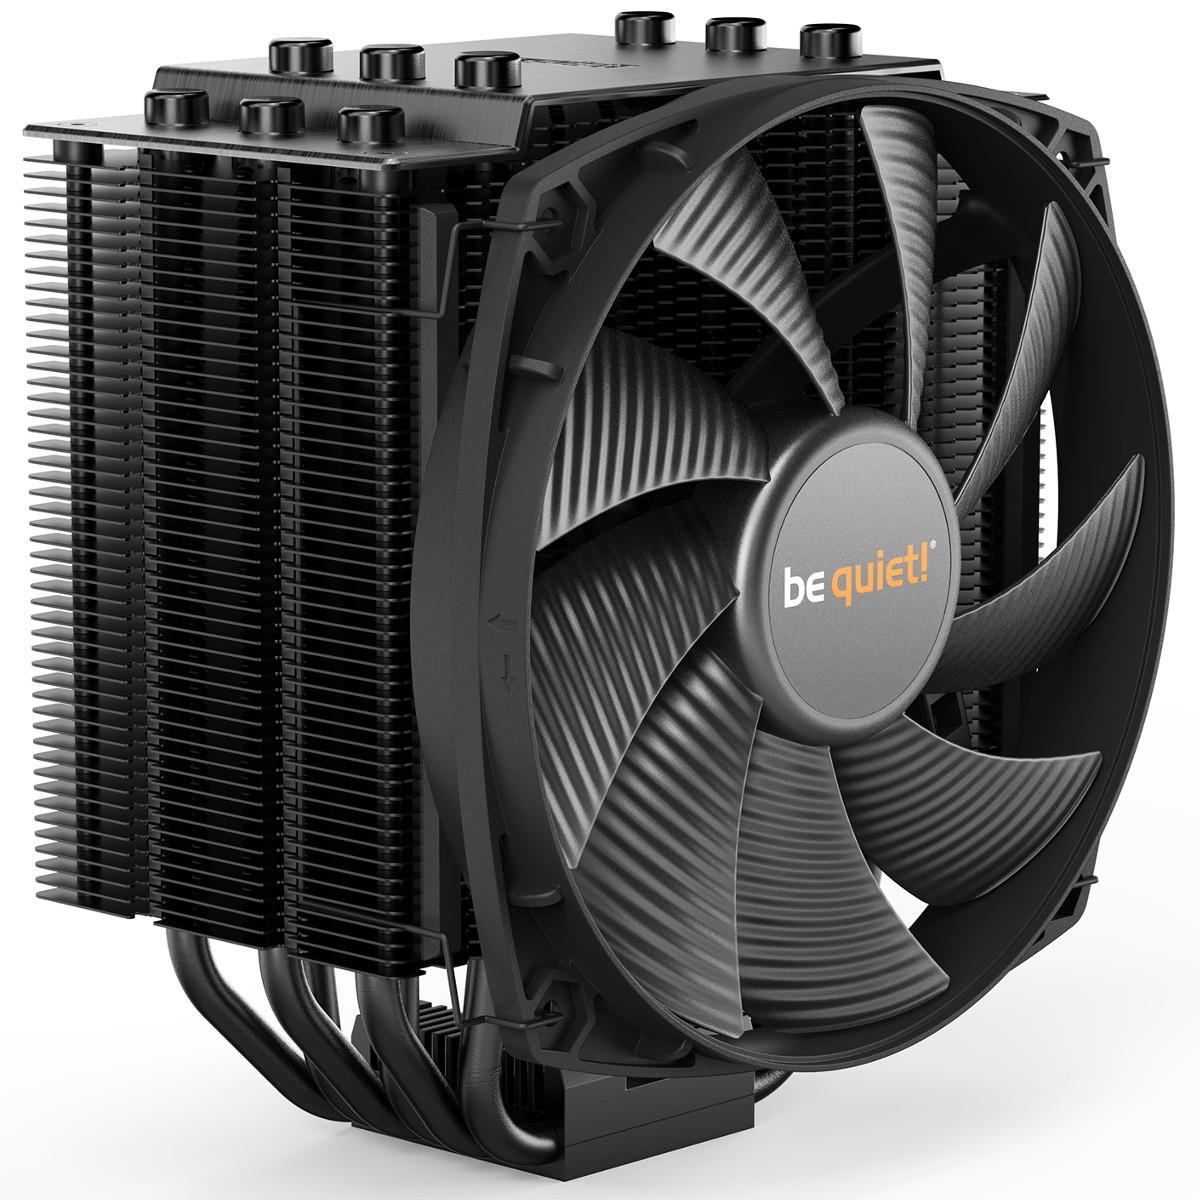 be quiet! Dark Rock 4 CPU Cooler